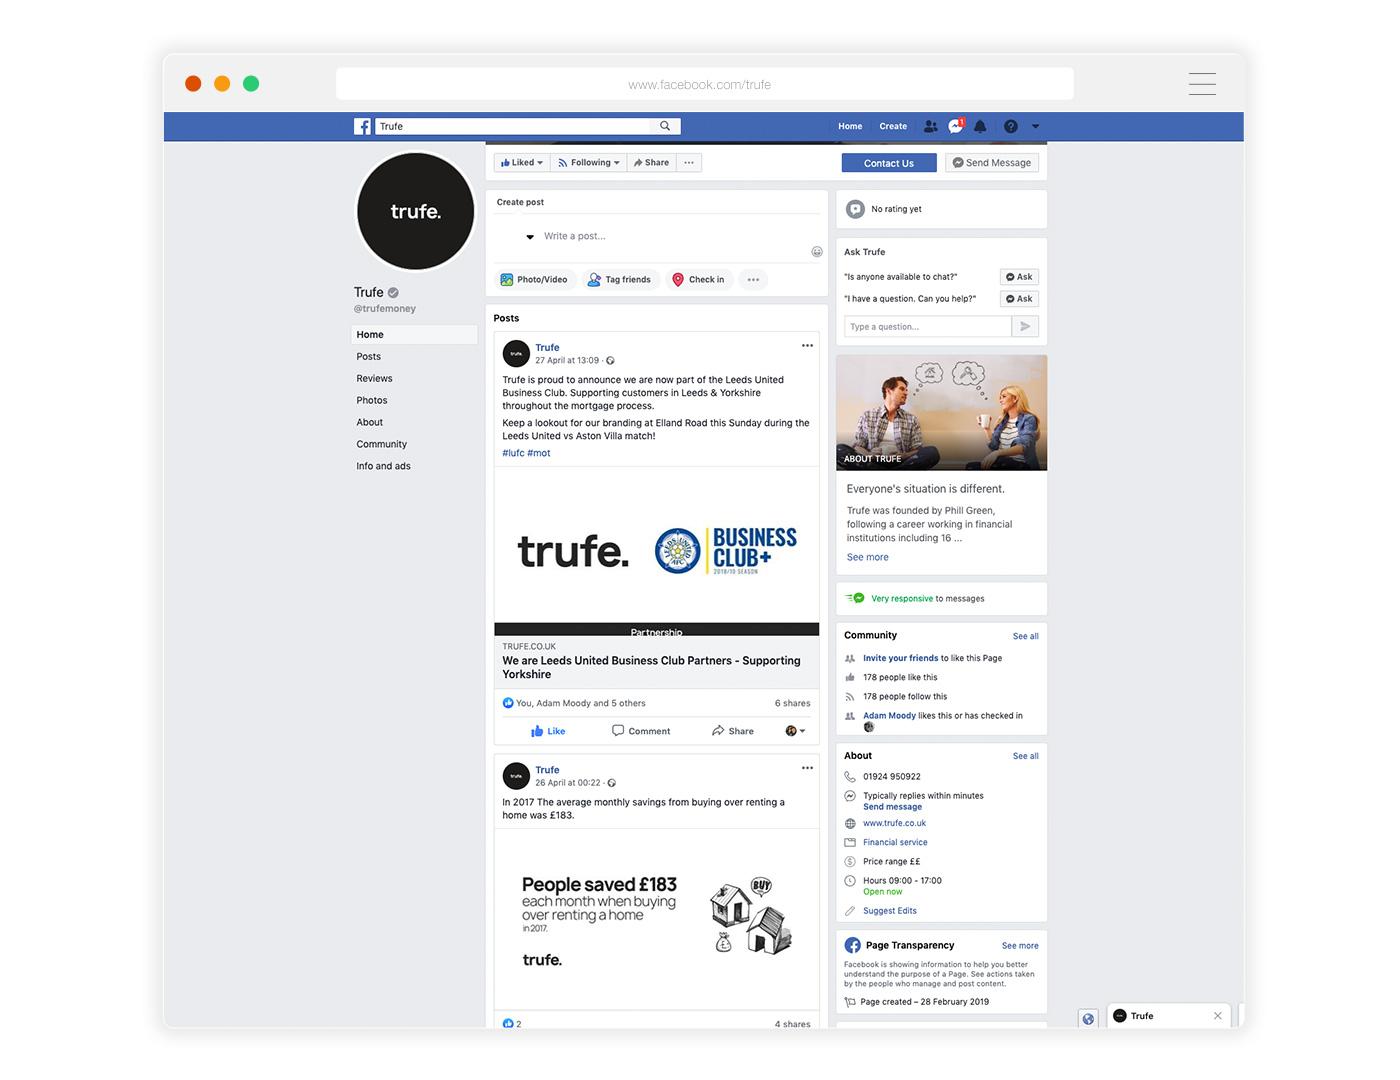 Facebook Social Media Marketing Example